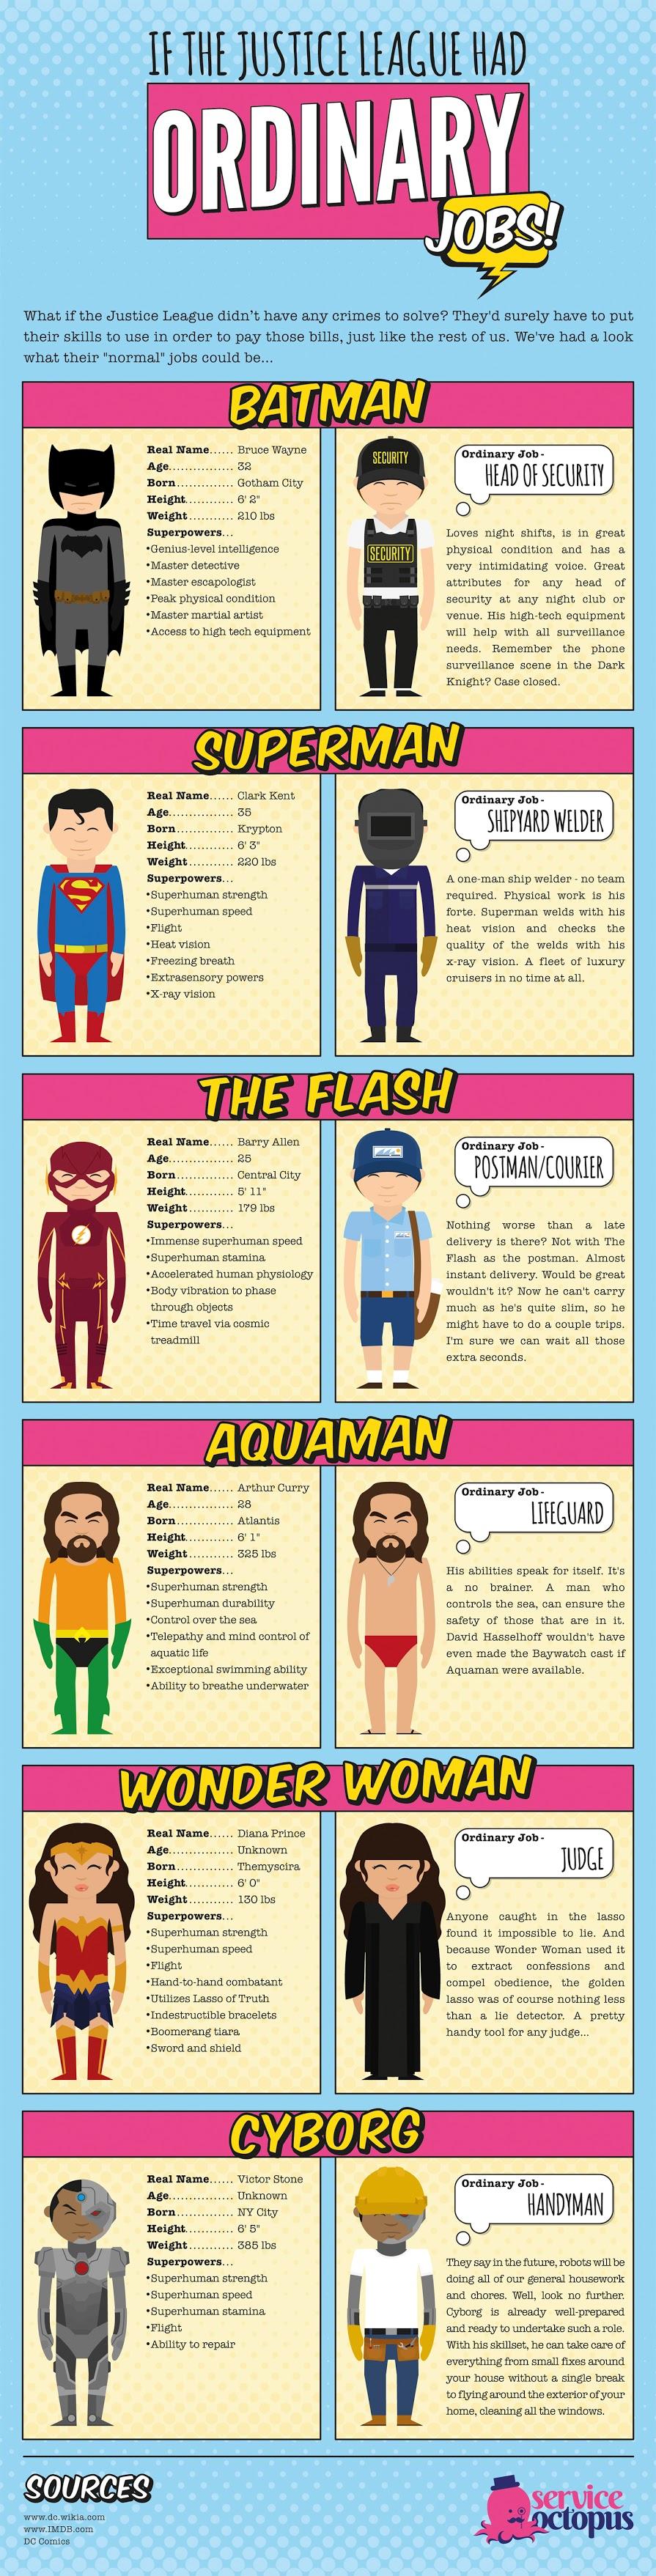 Superhero-infographic.jpg